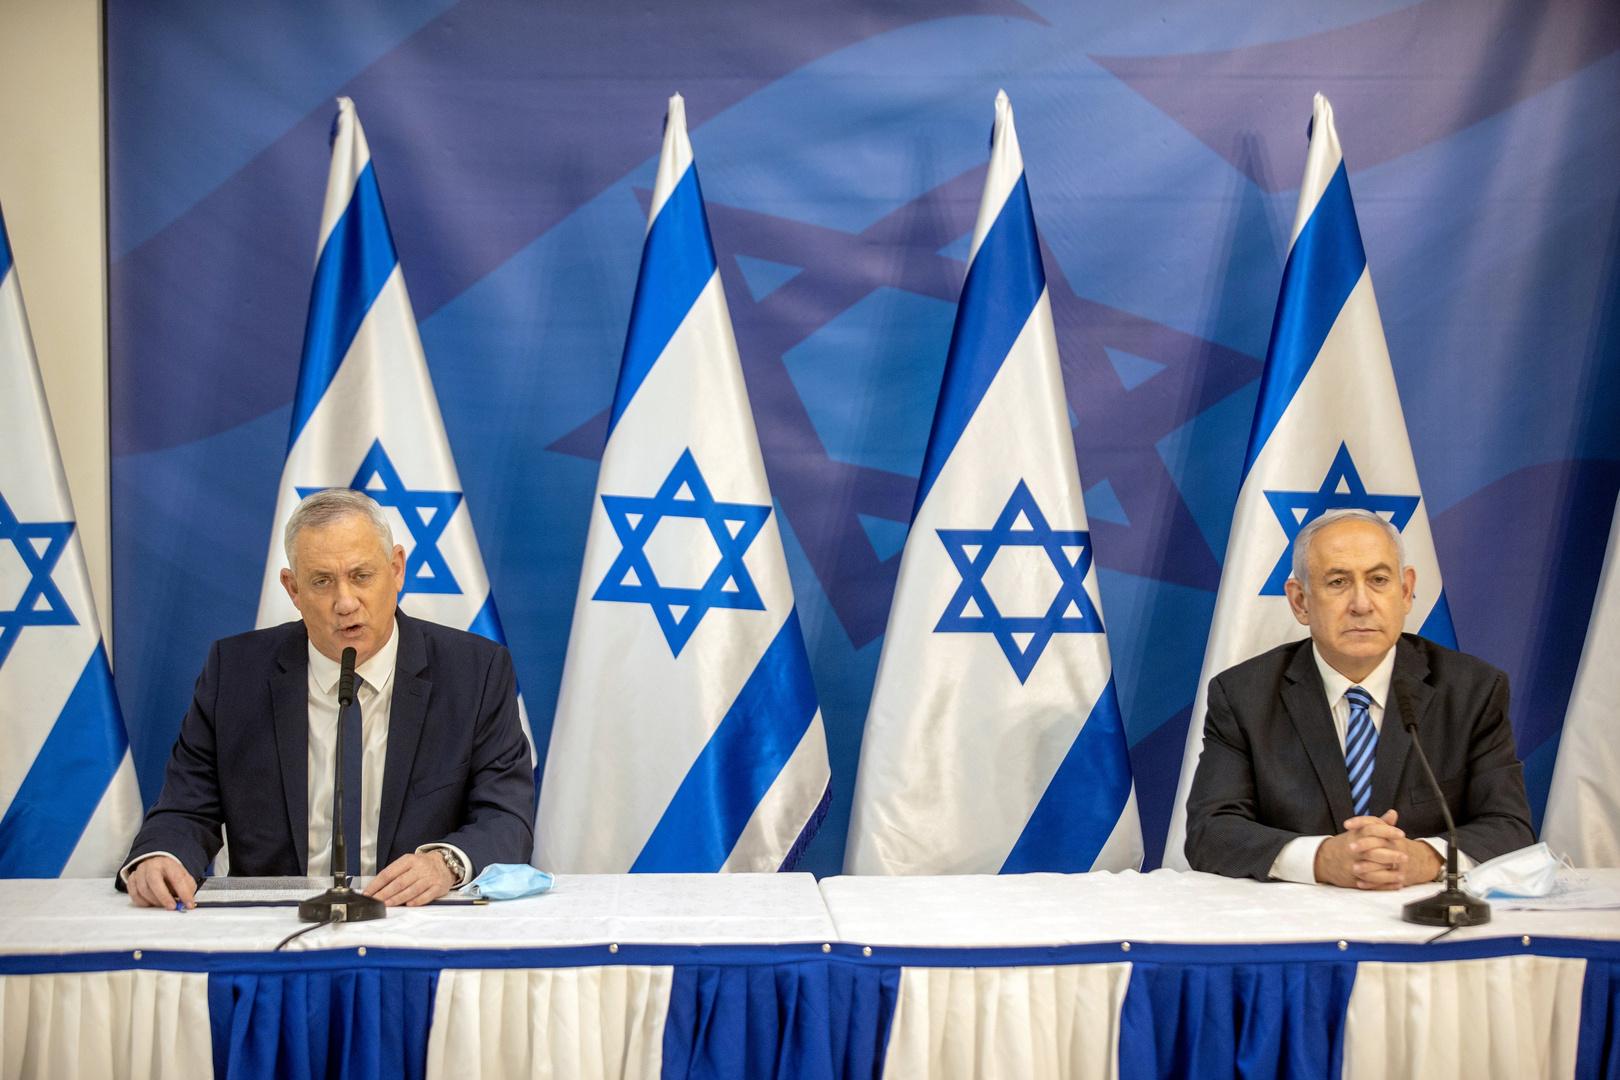 ئيس الوزراء الإسرائيلي، بنيامين نتنياهو، ووزير الدفاع، بيني غانتس